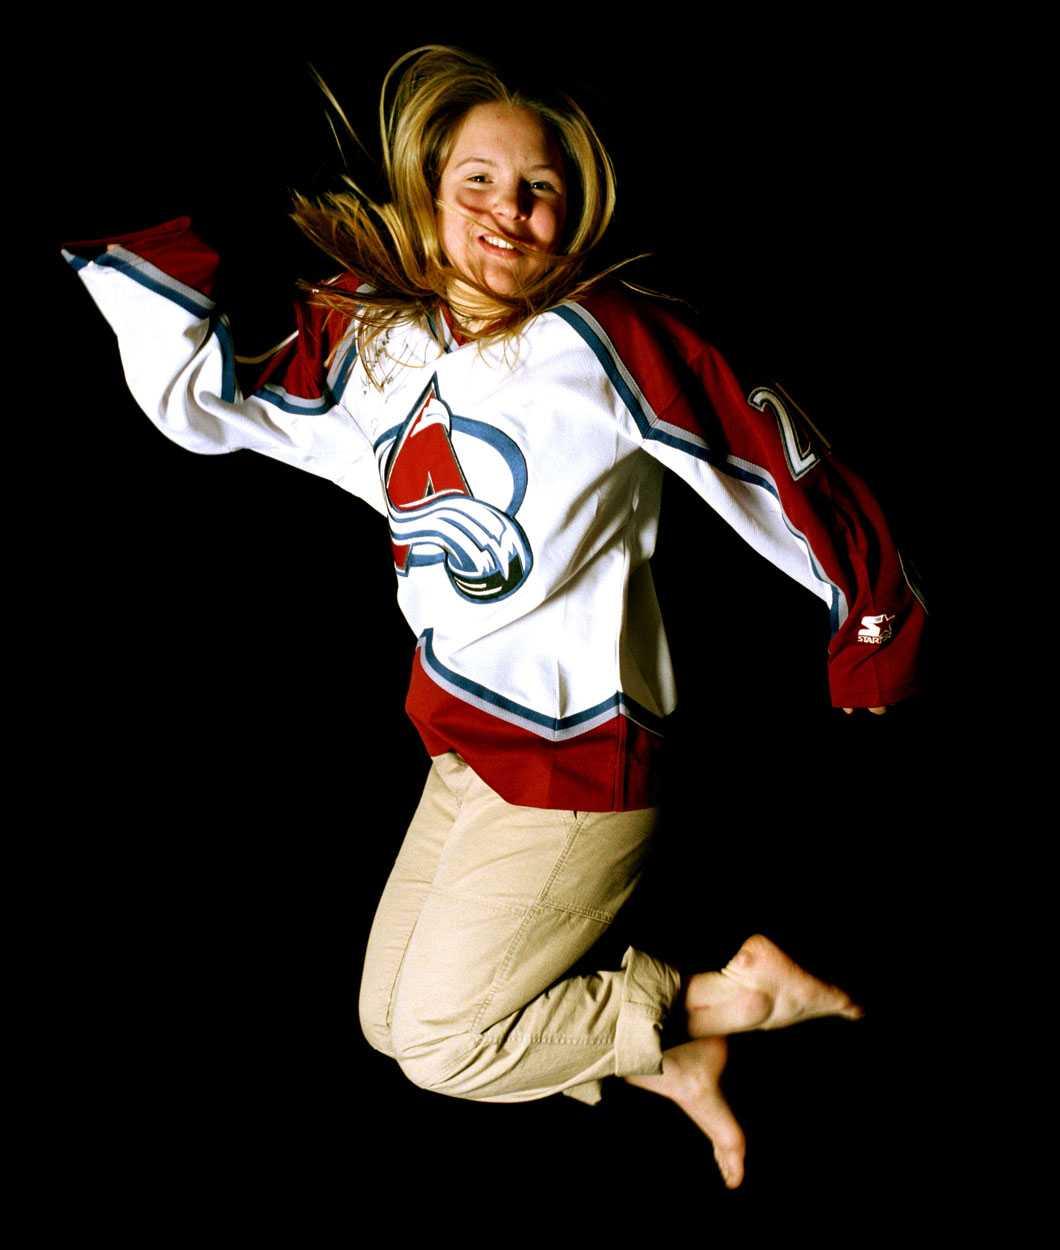 1999 Anja Pärson iklädd amerikanska hockeylaget Colorado Avalanches matchtröja.